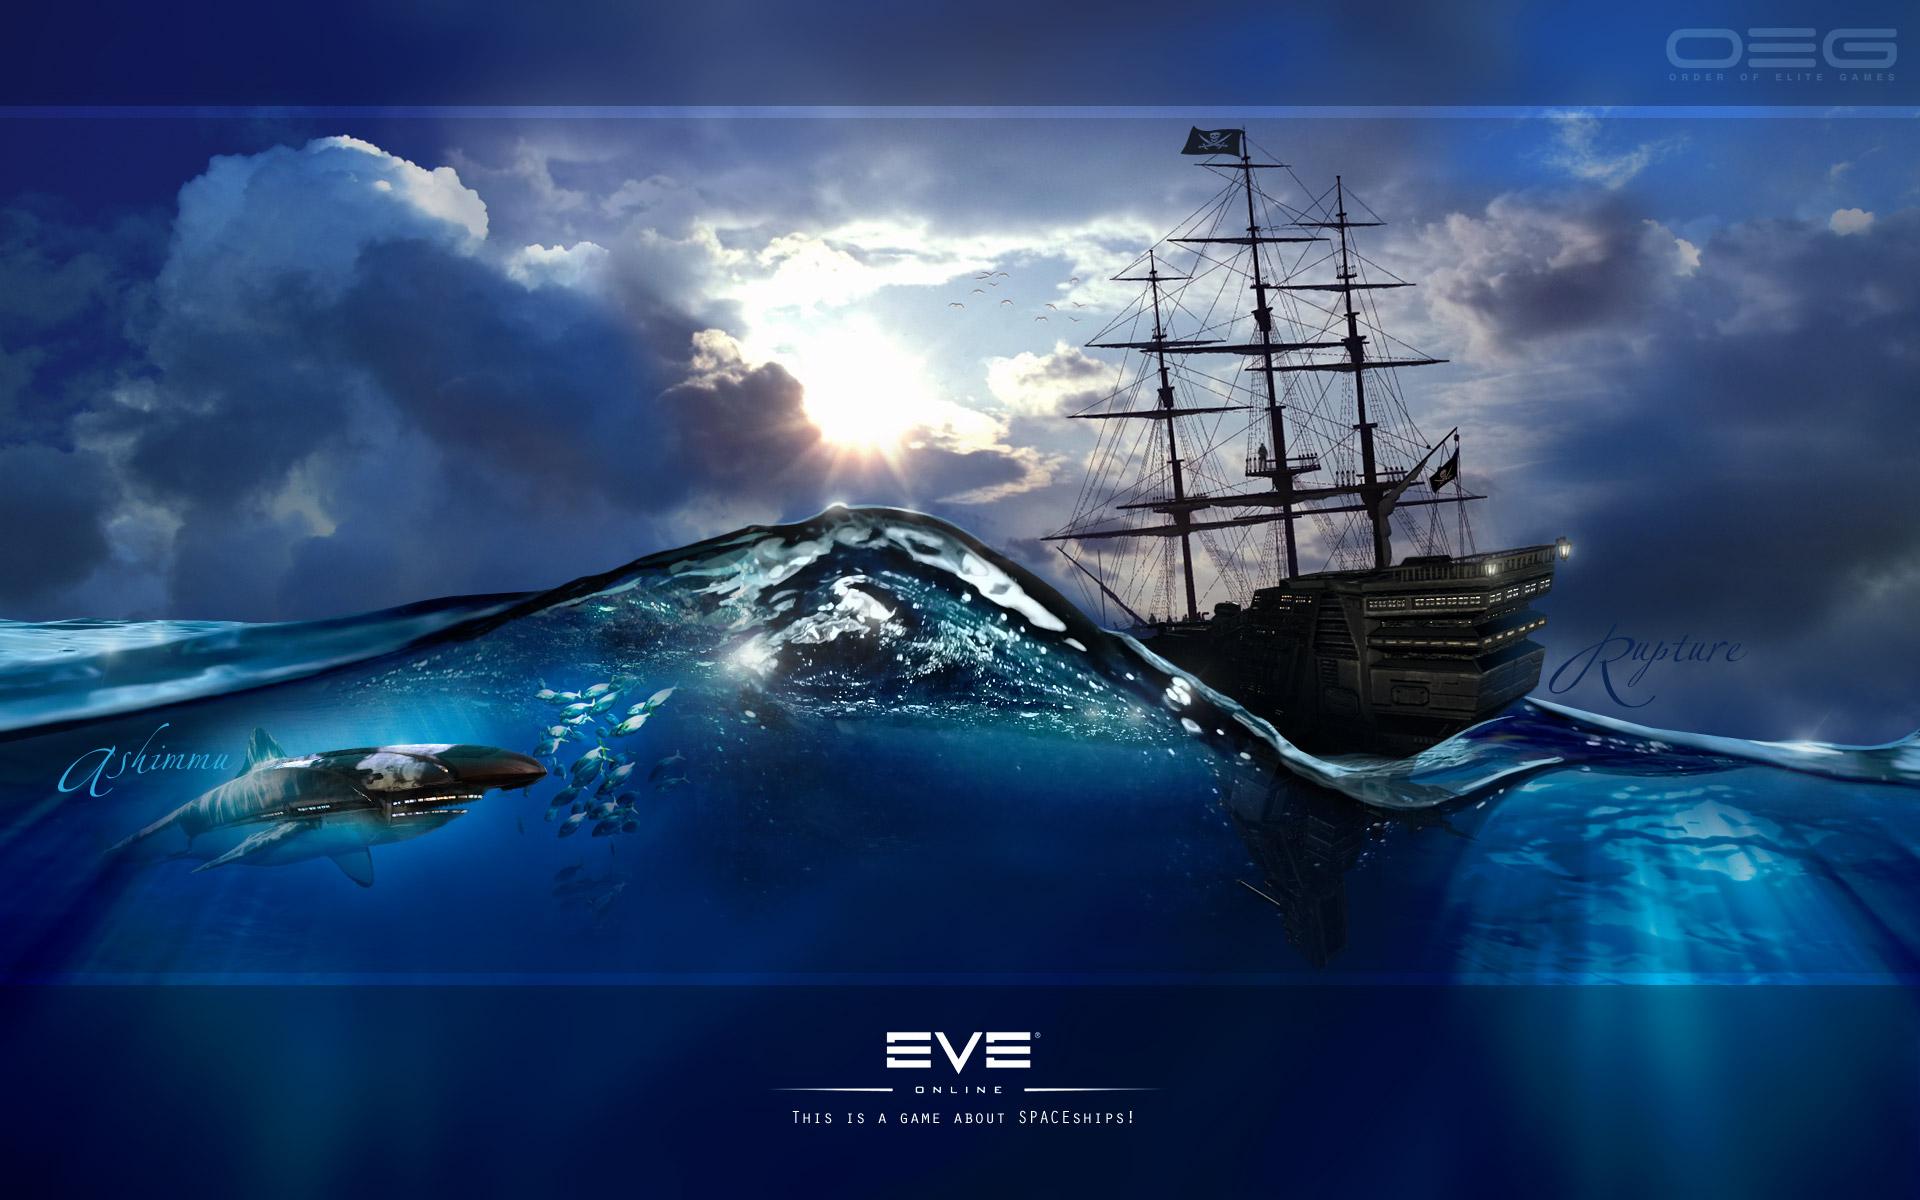 EVE Online Full HD Fond D'écran And Arrière-Plan